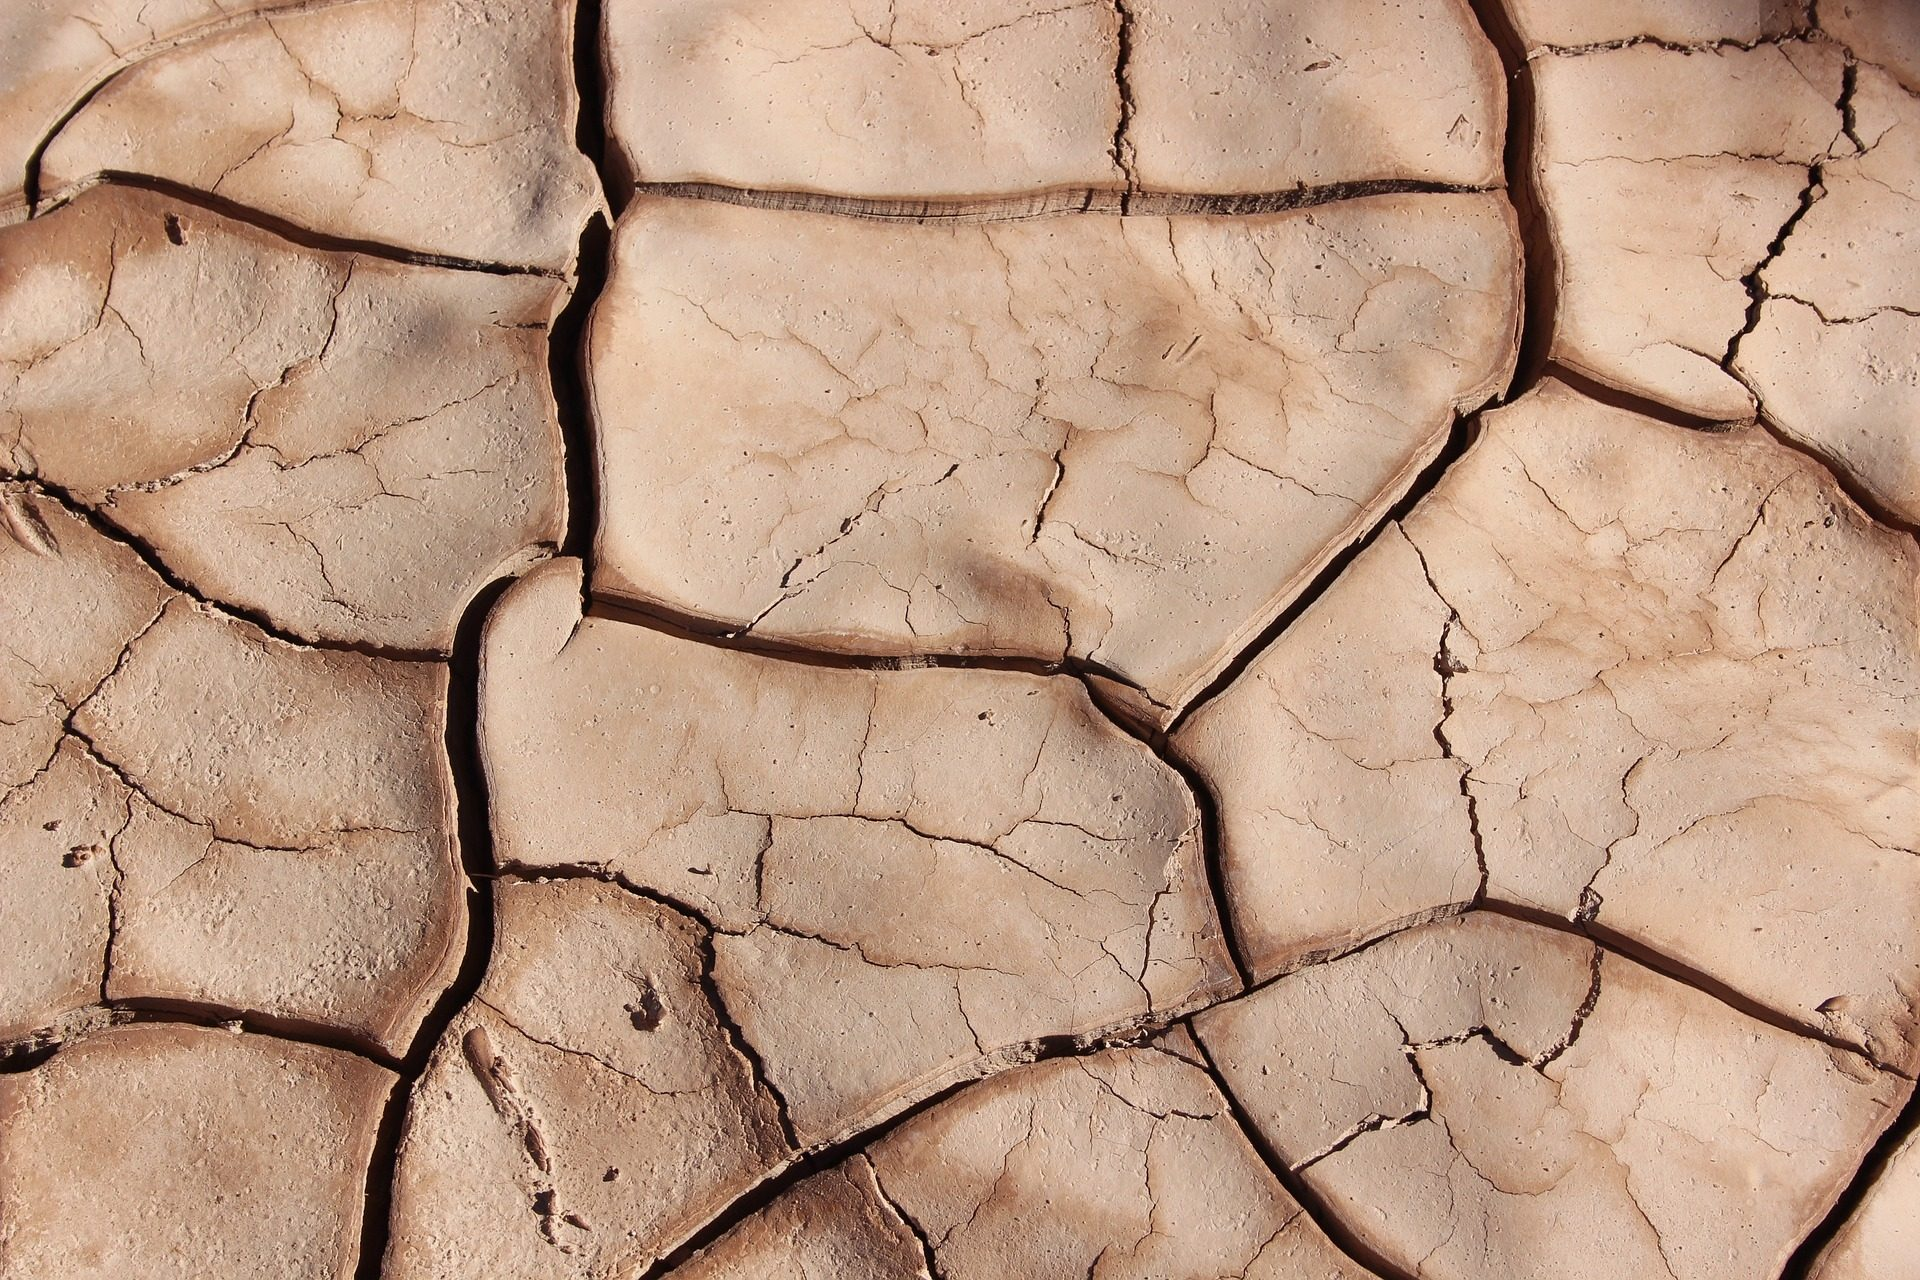 solo, quebrado, seca, Terra, rachaduras - Papéis de parede HD - Professor-falken.com